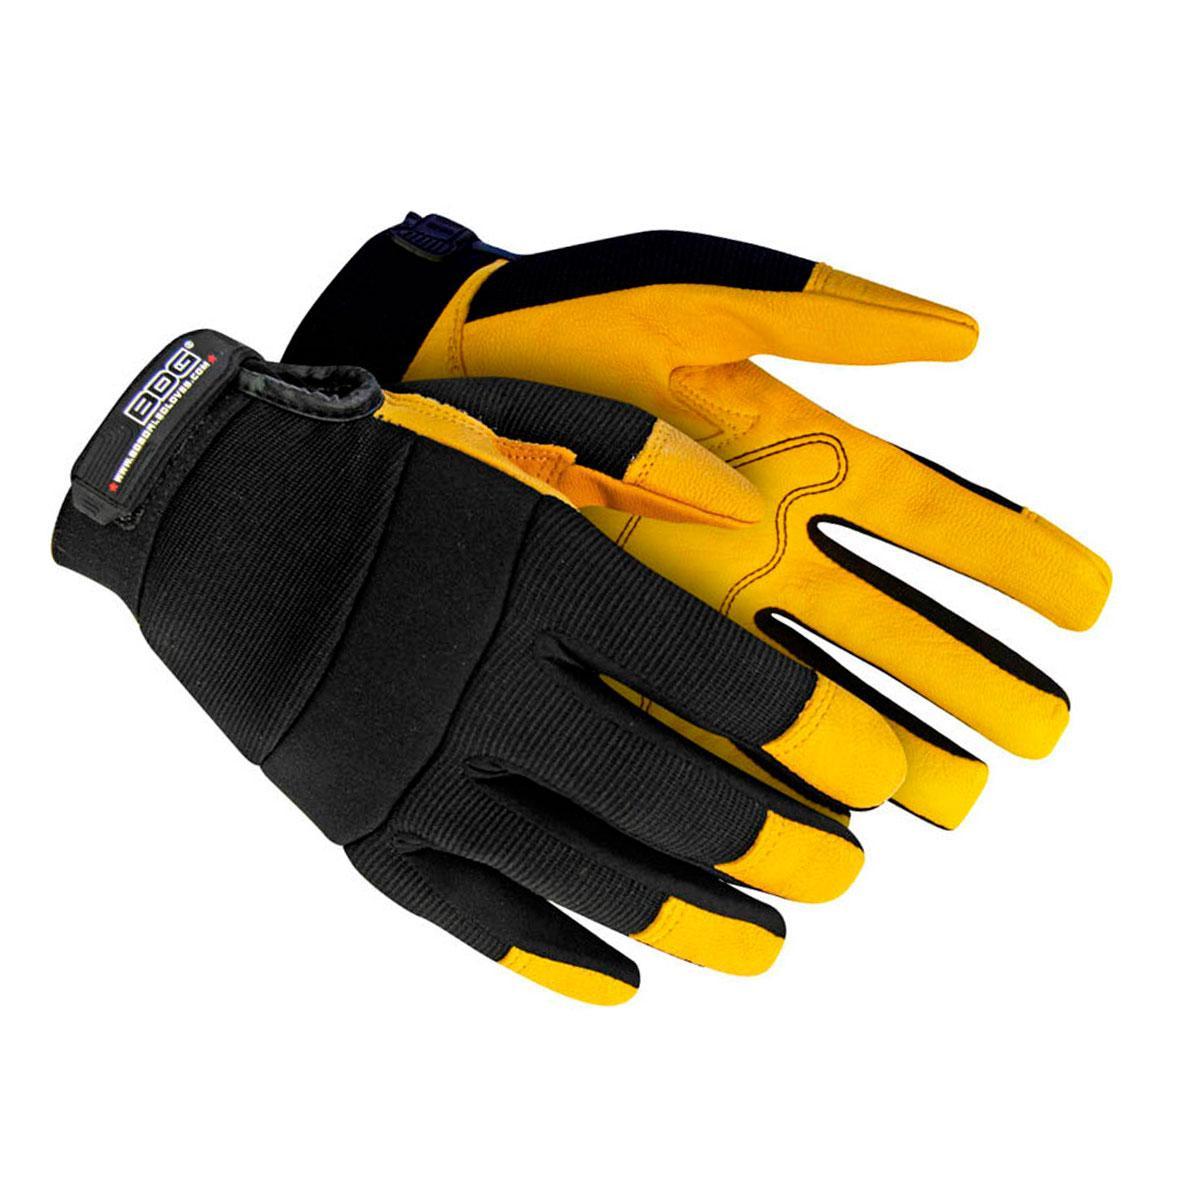 Automotive Gloves